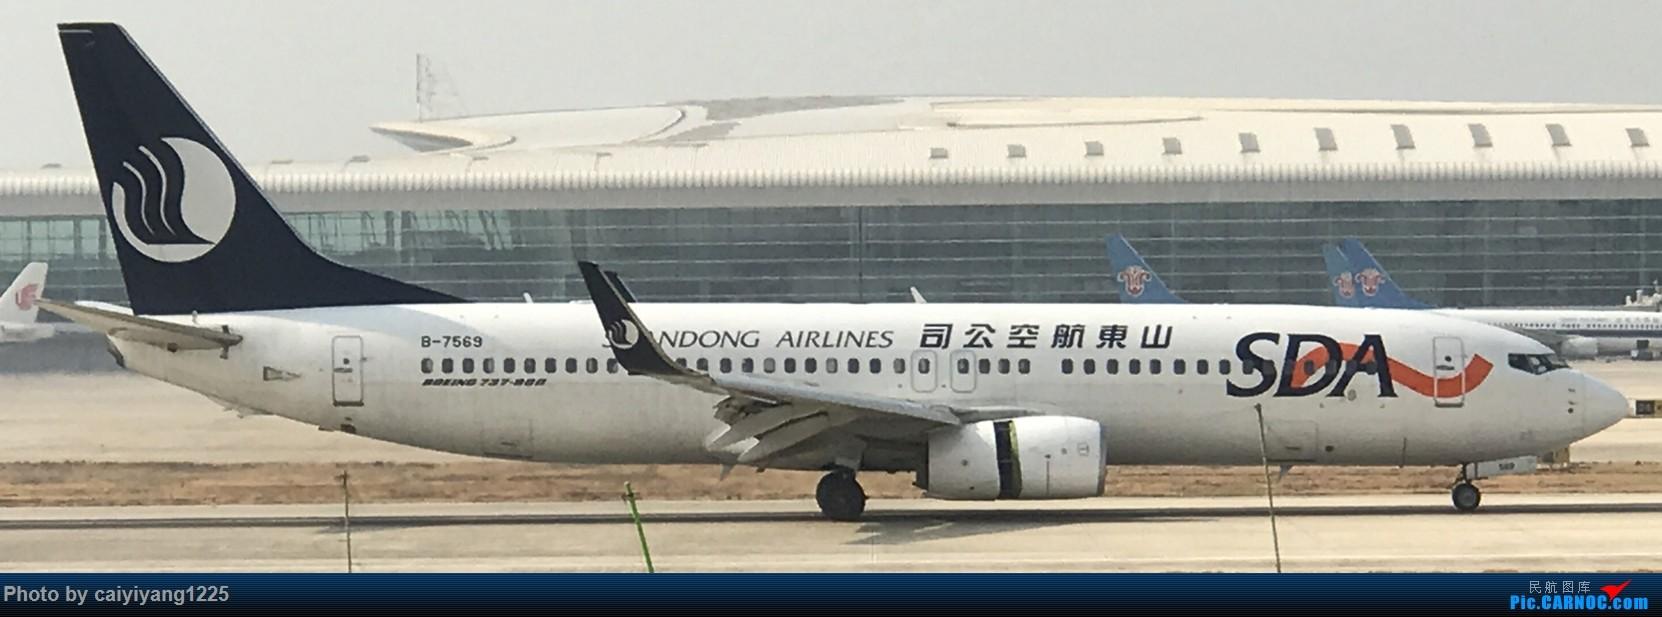 Re:[原创]武汉国庆拍机ps:出门忘带相机 拿手机拍的烂货请见谅! BOEING 737-800 B-7569 武汉天河国际机场